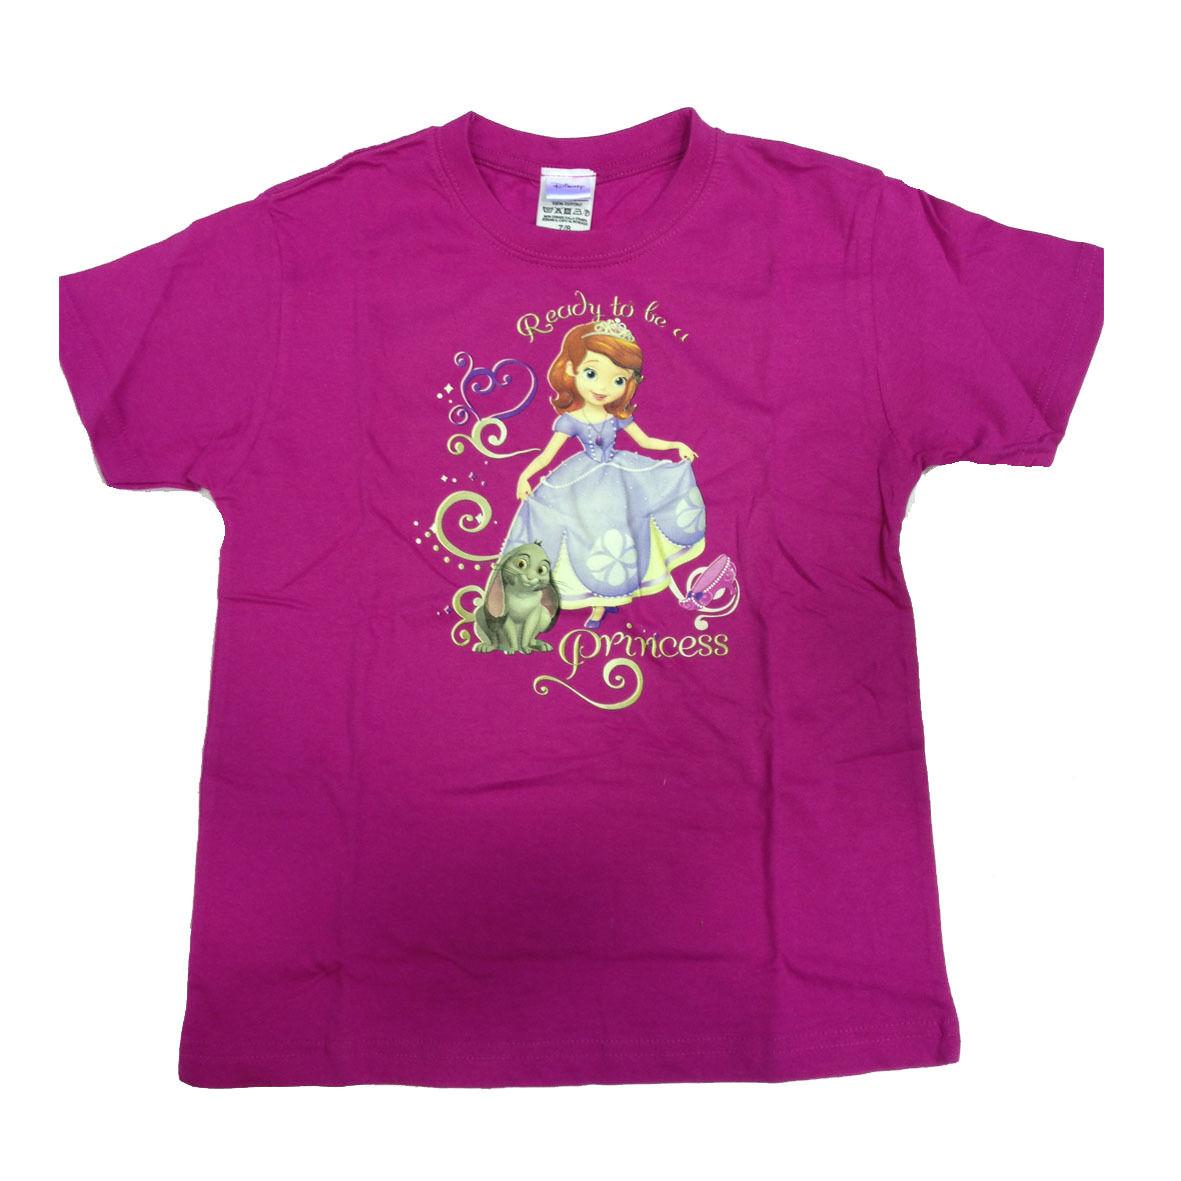 PRINCIPESSA SOFIA t-shirt maglietta fucsia stampata taglia 7/8 anni da bambina